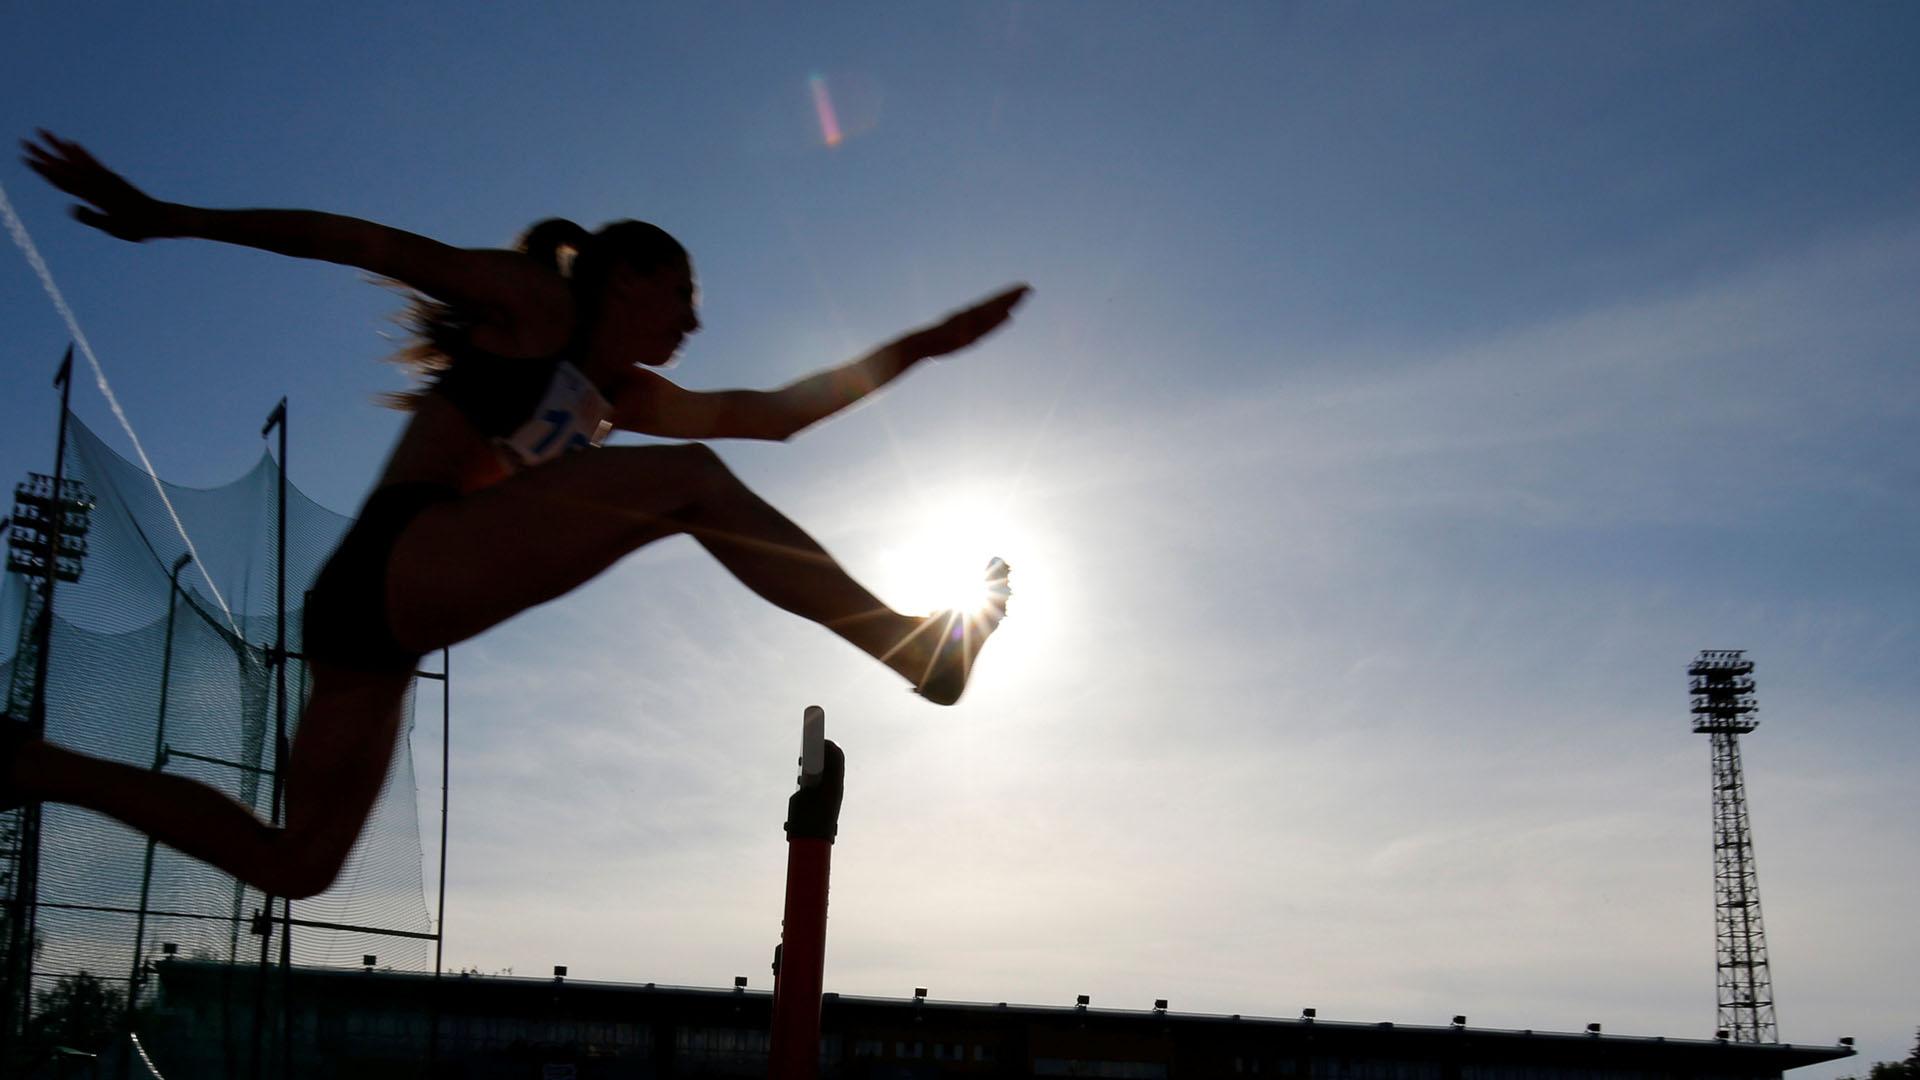 La Federación Internacional de Gimnasia exigió que a los deportistas que libre de doping se le permita competir en los Juegos Olímpicos de Río de Janeiro